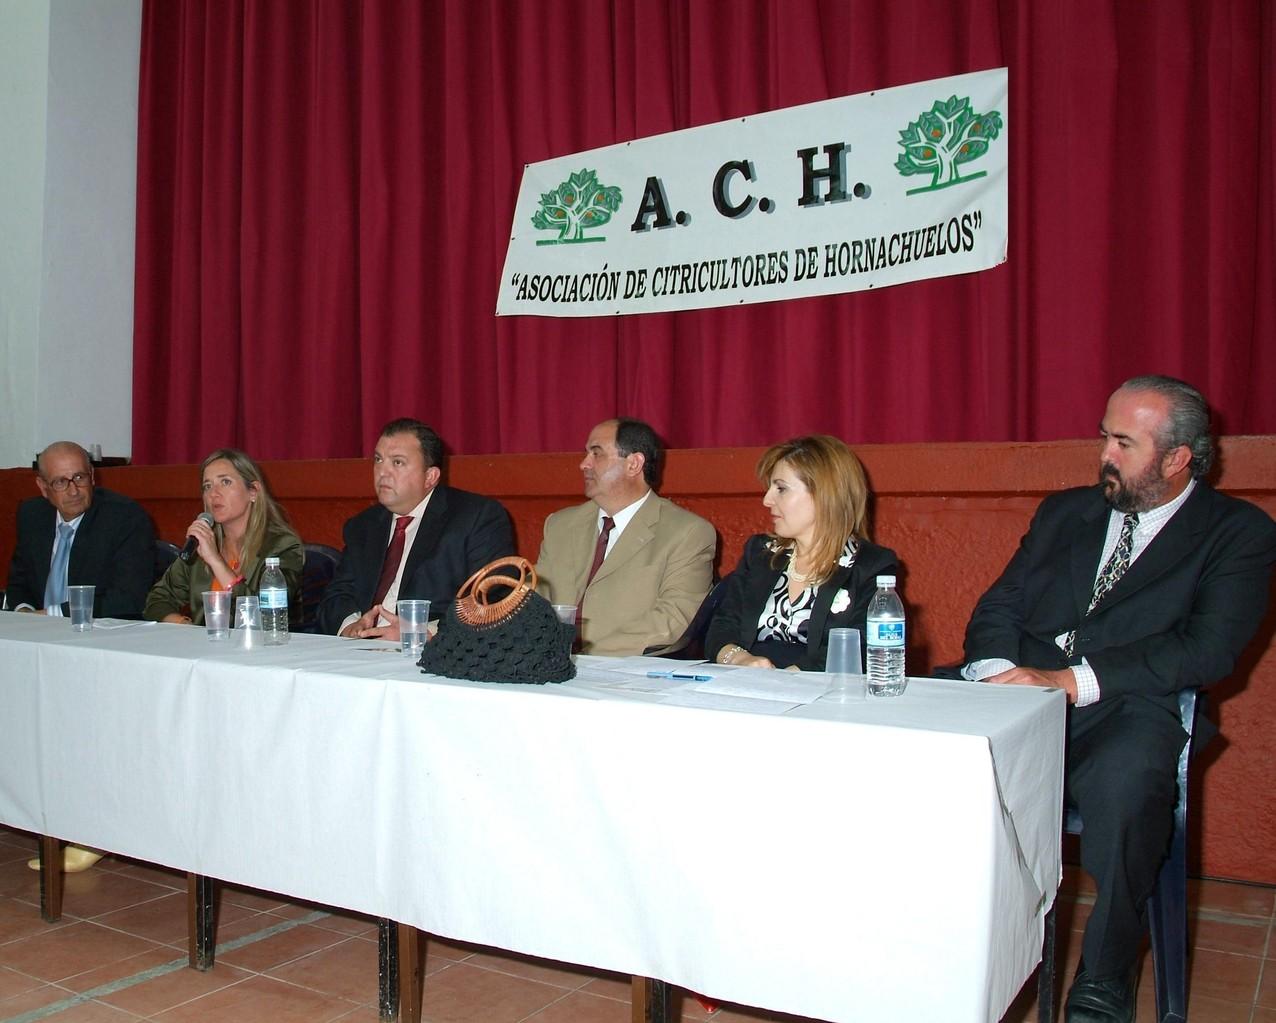 Inauguración Sede ACH (10-05-2007)